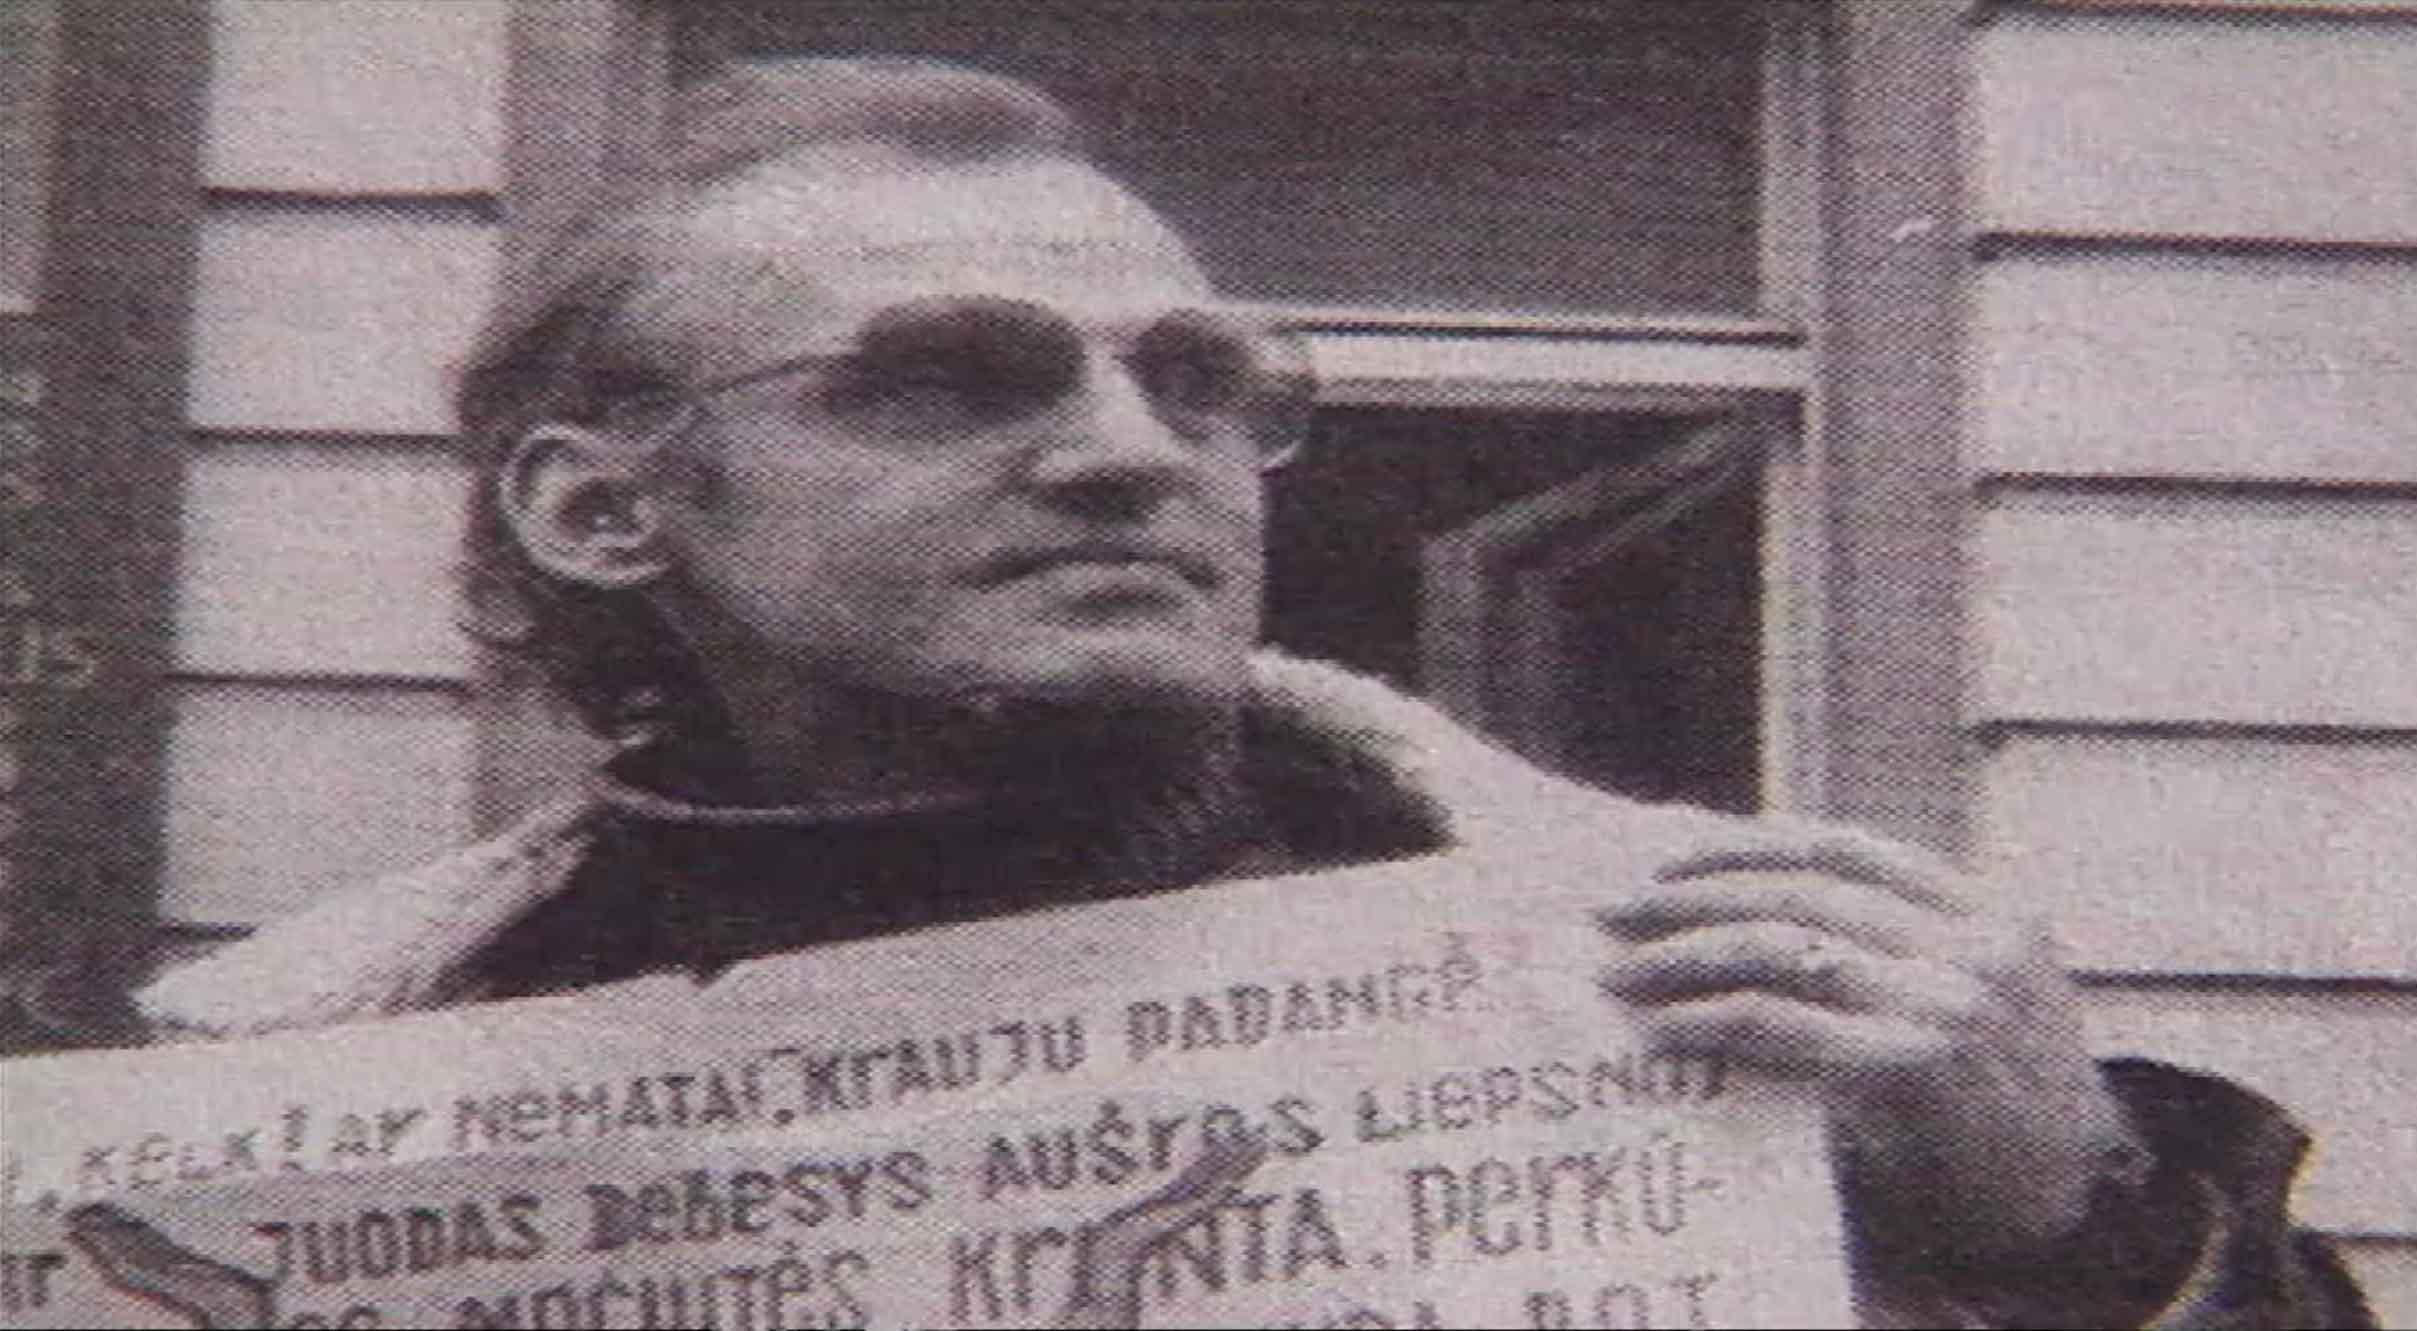 Laisvės kovotojas Algimantas Andreika (1950-2000) | LRT stop kadras